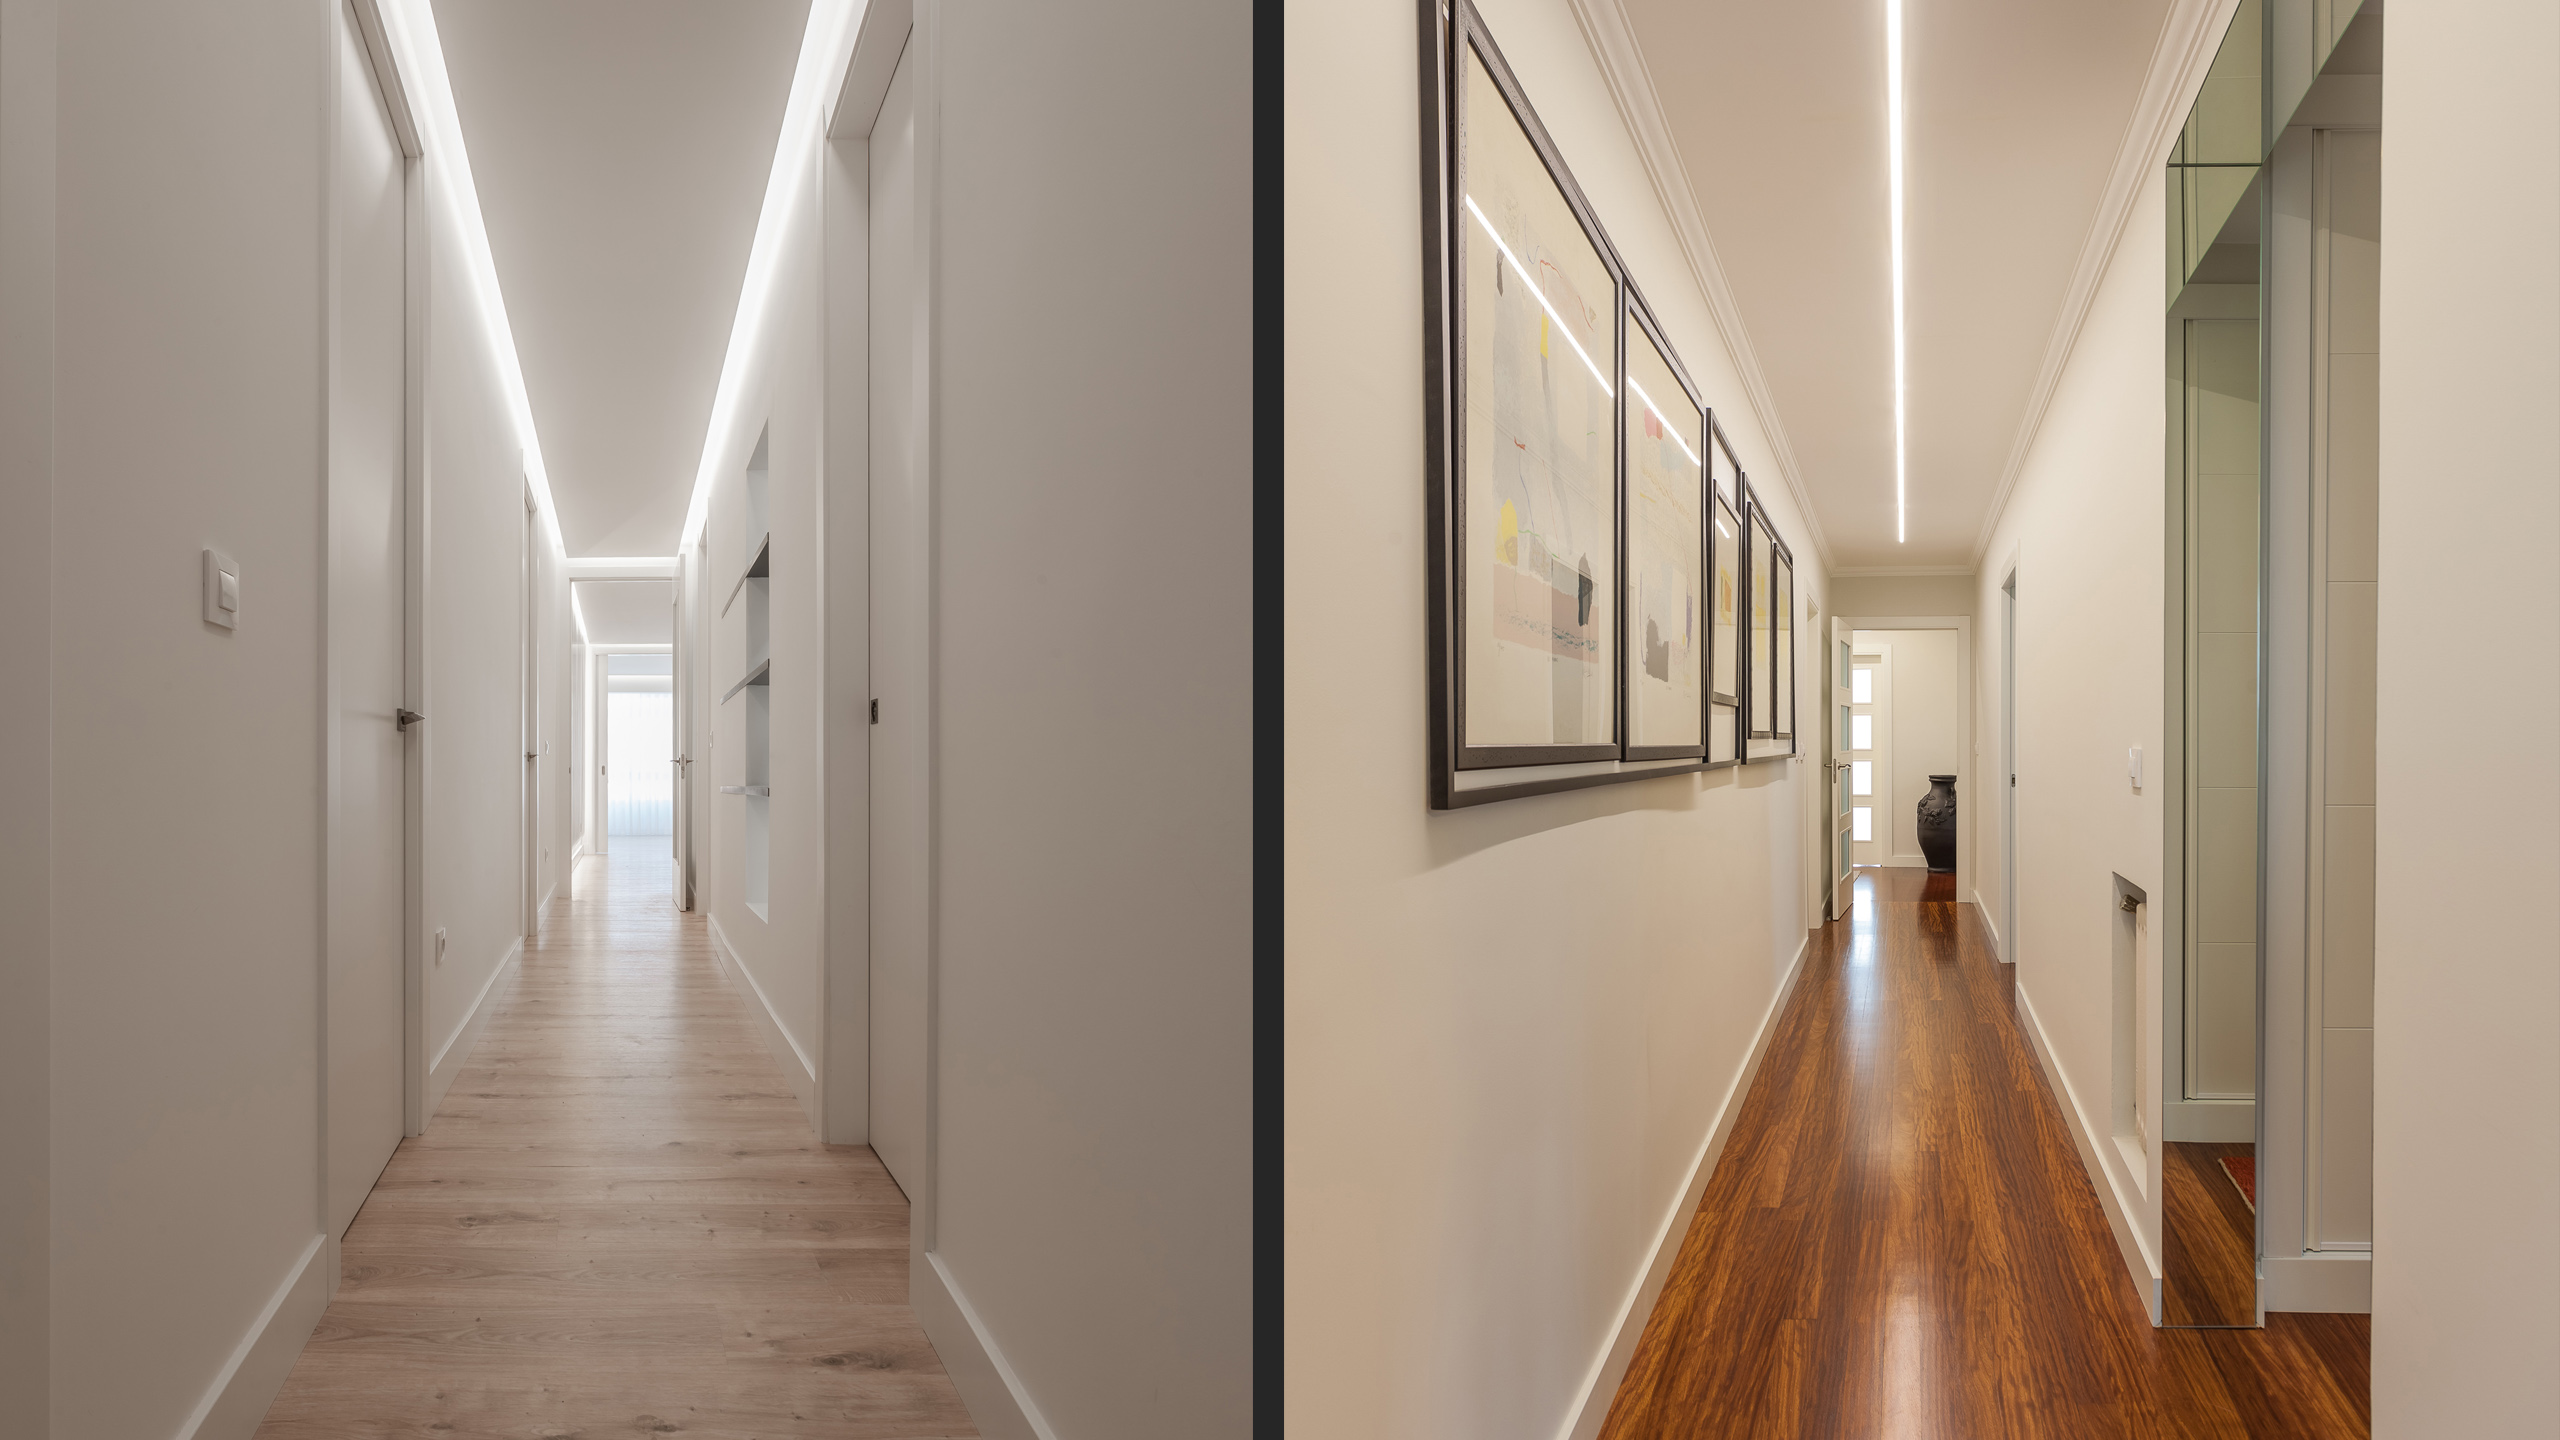 interiores 46 lara villaverde